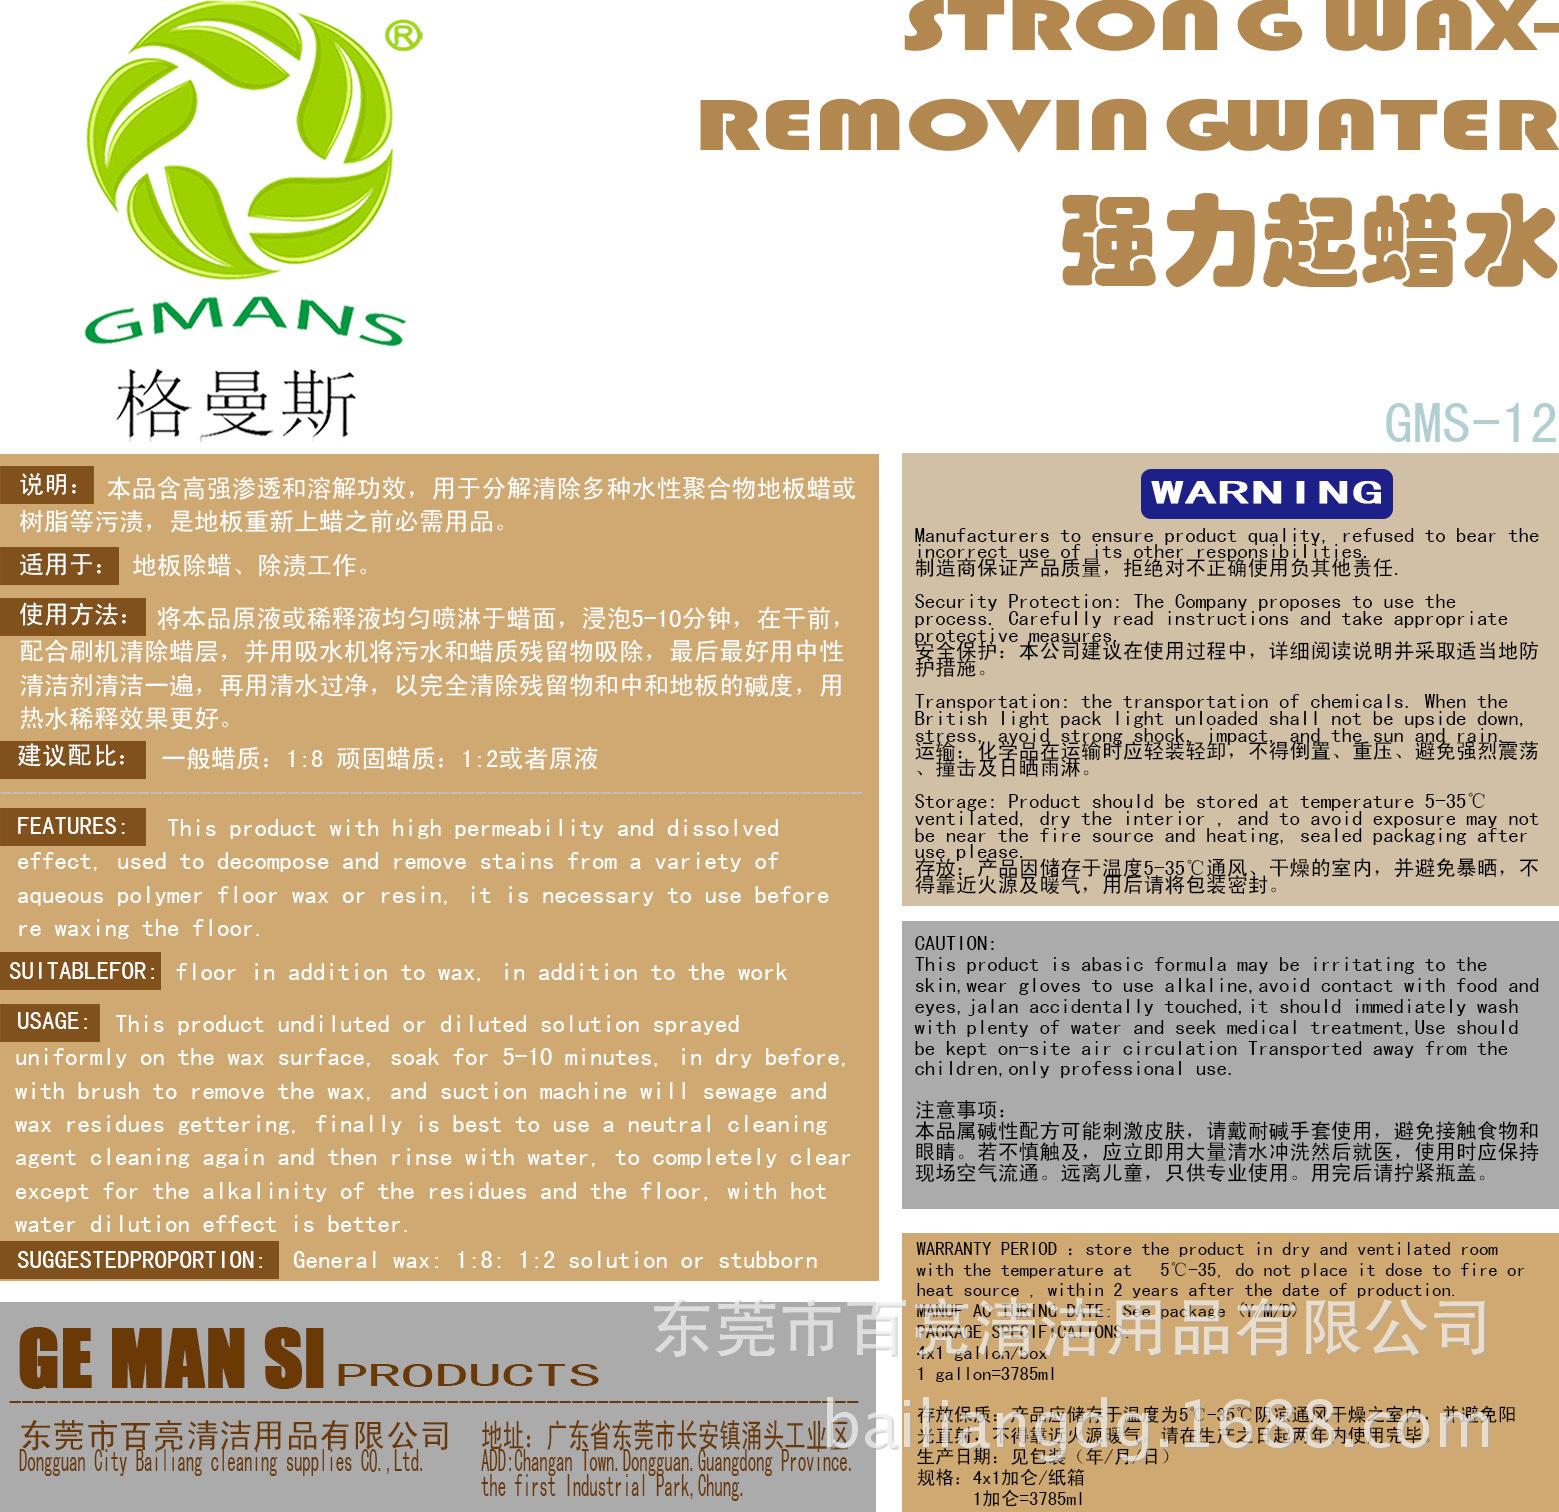 工业酒店家用强力起蜡水 地板除蜡剂  PVC塑胶地面除蜡清洁剂批发